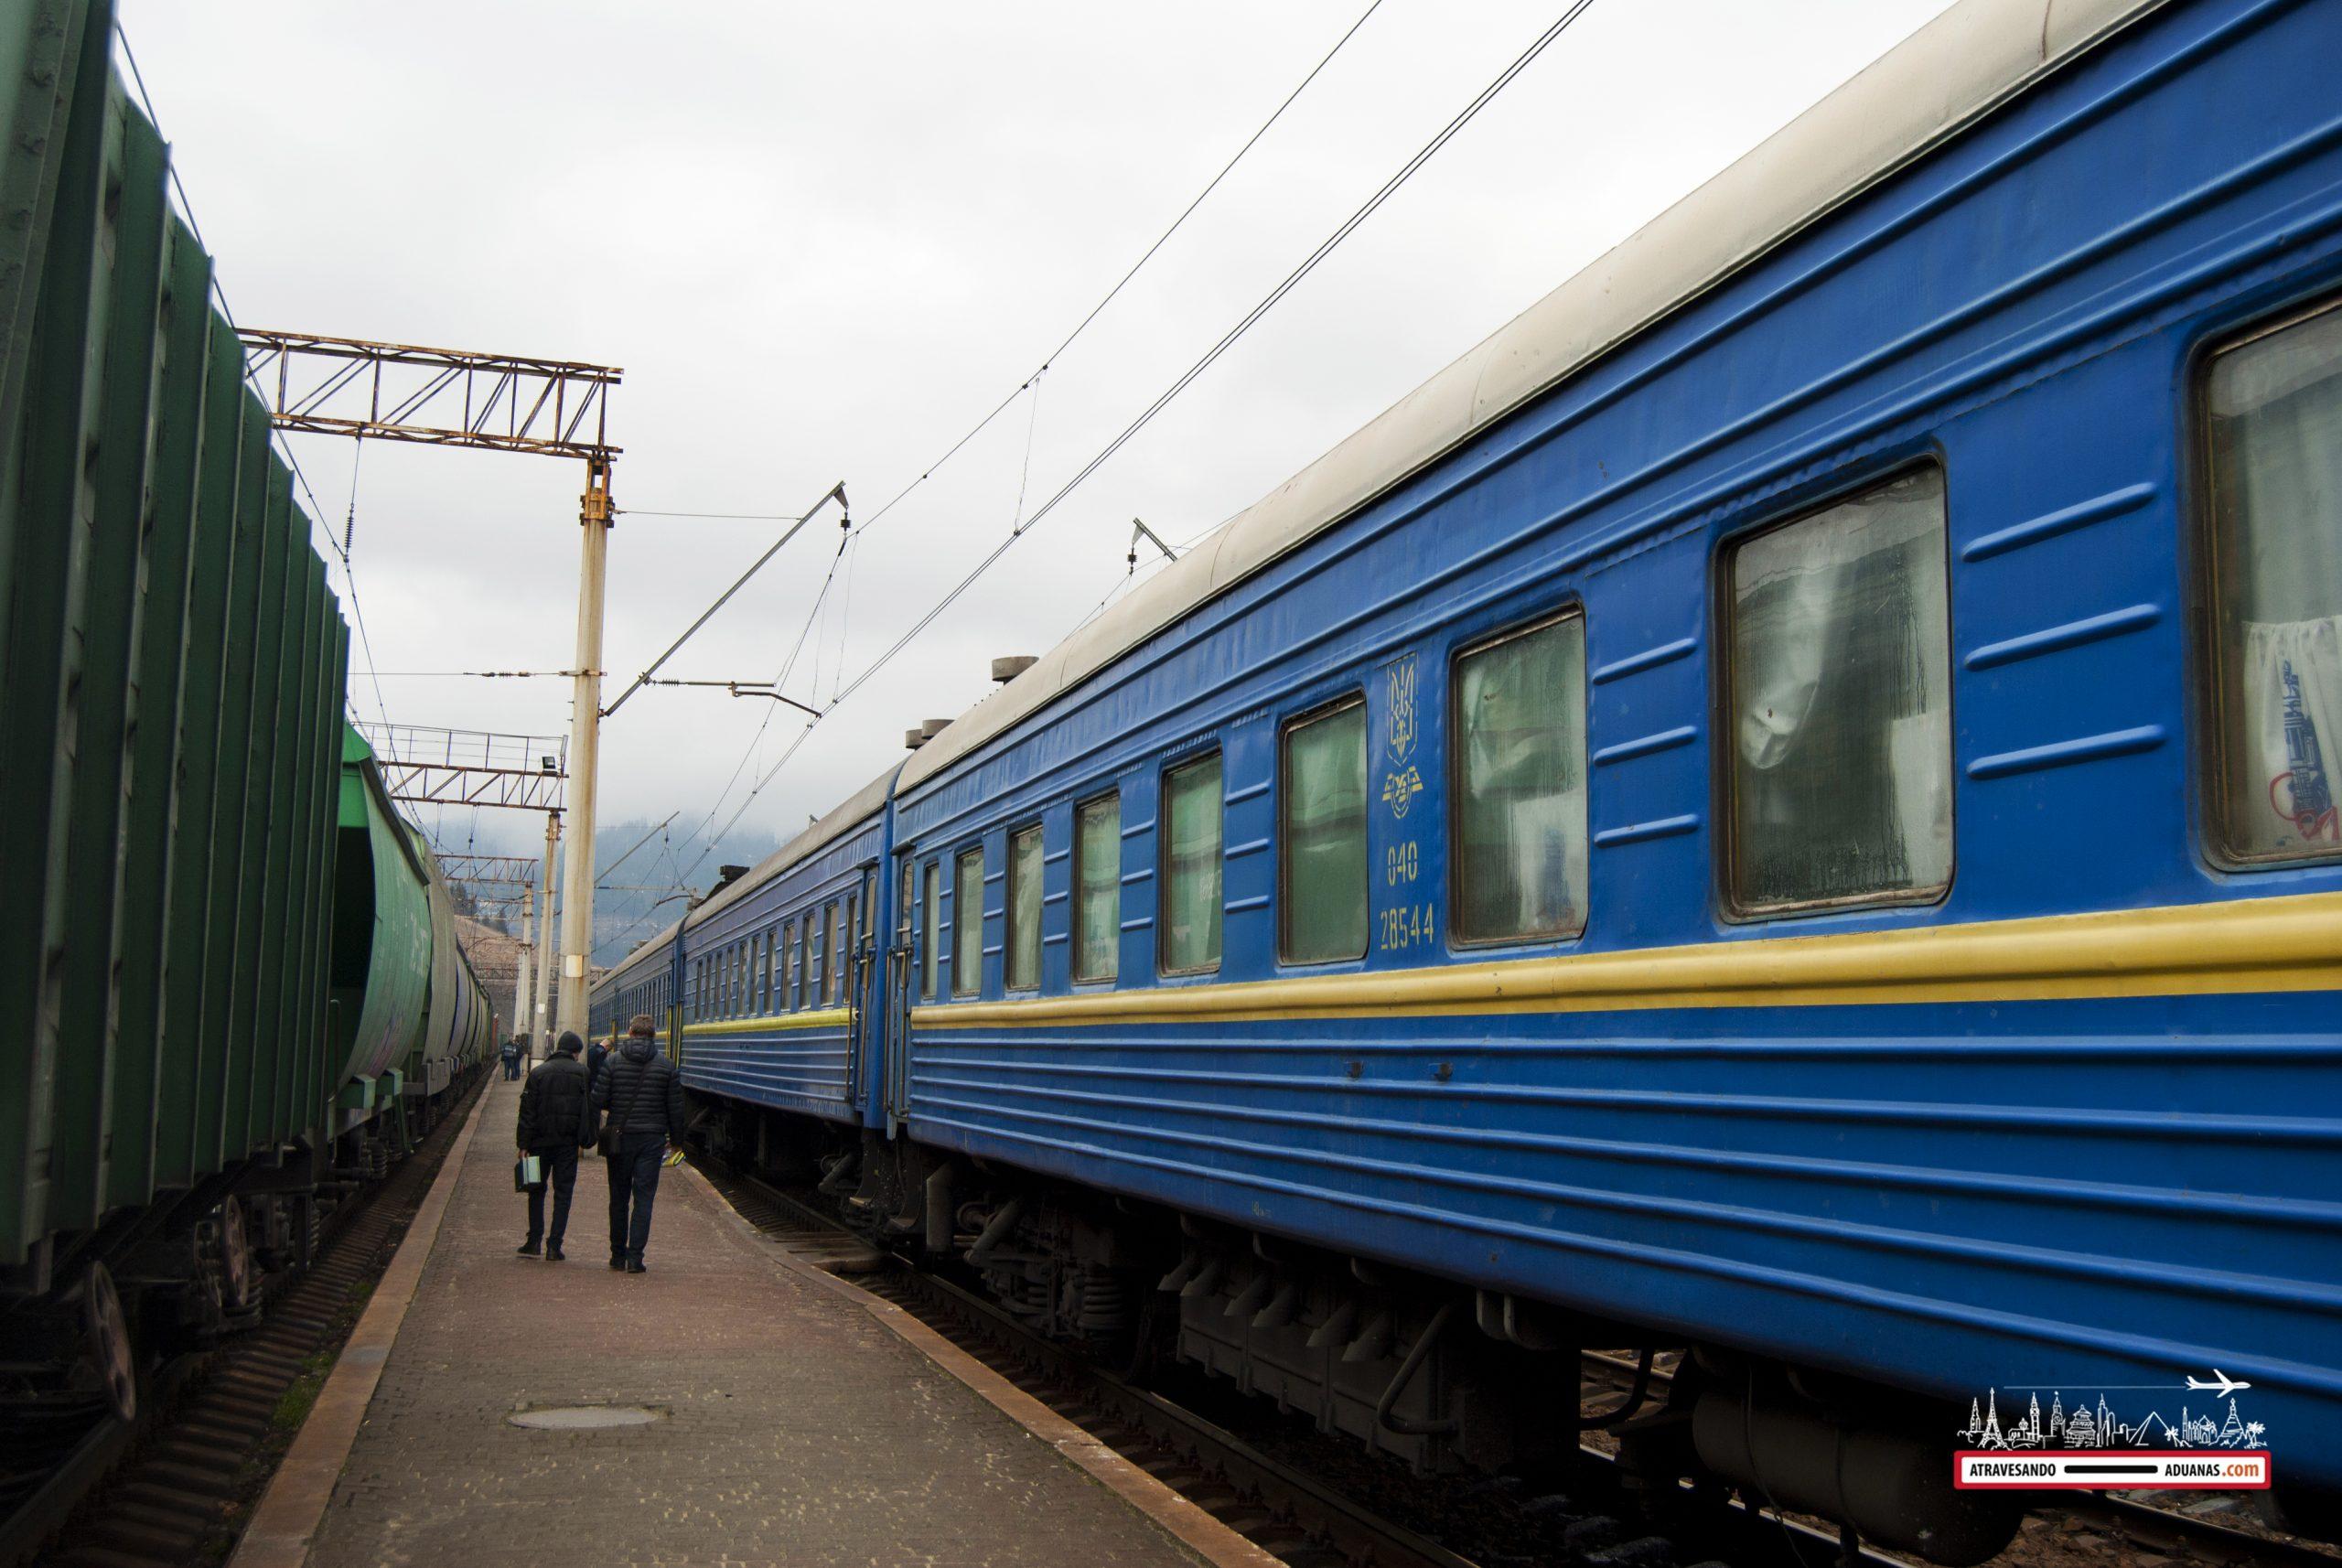 tren ucraniano de camino a la frontera húngara